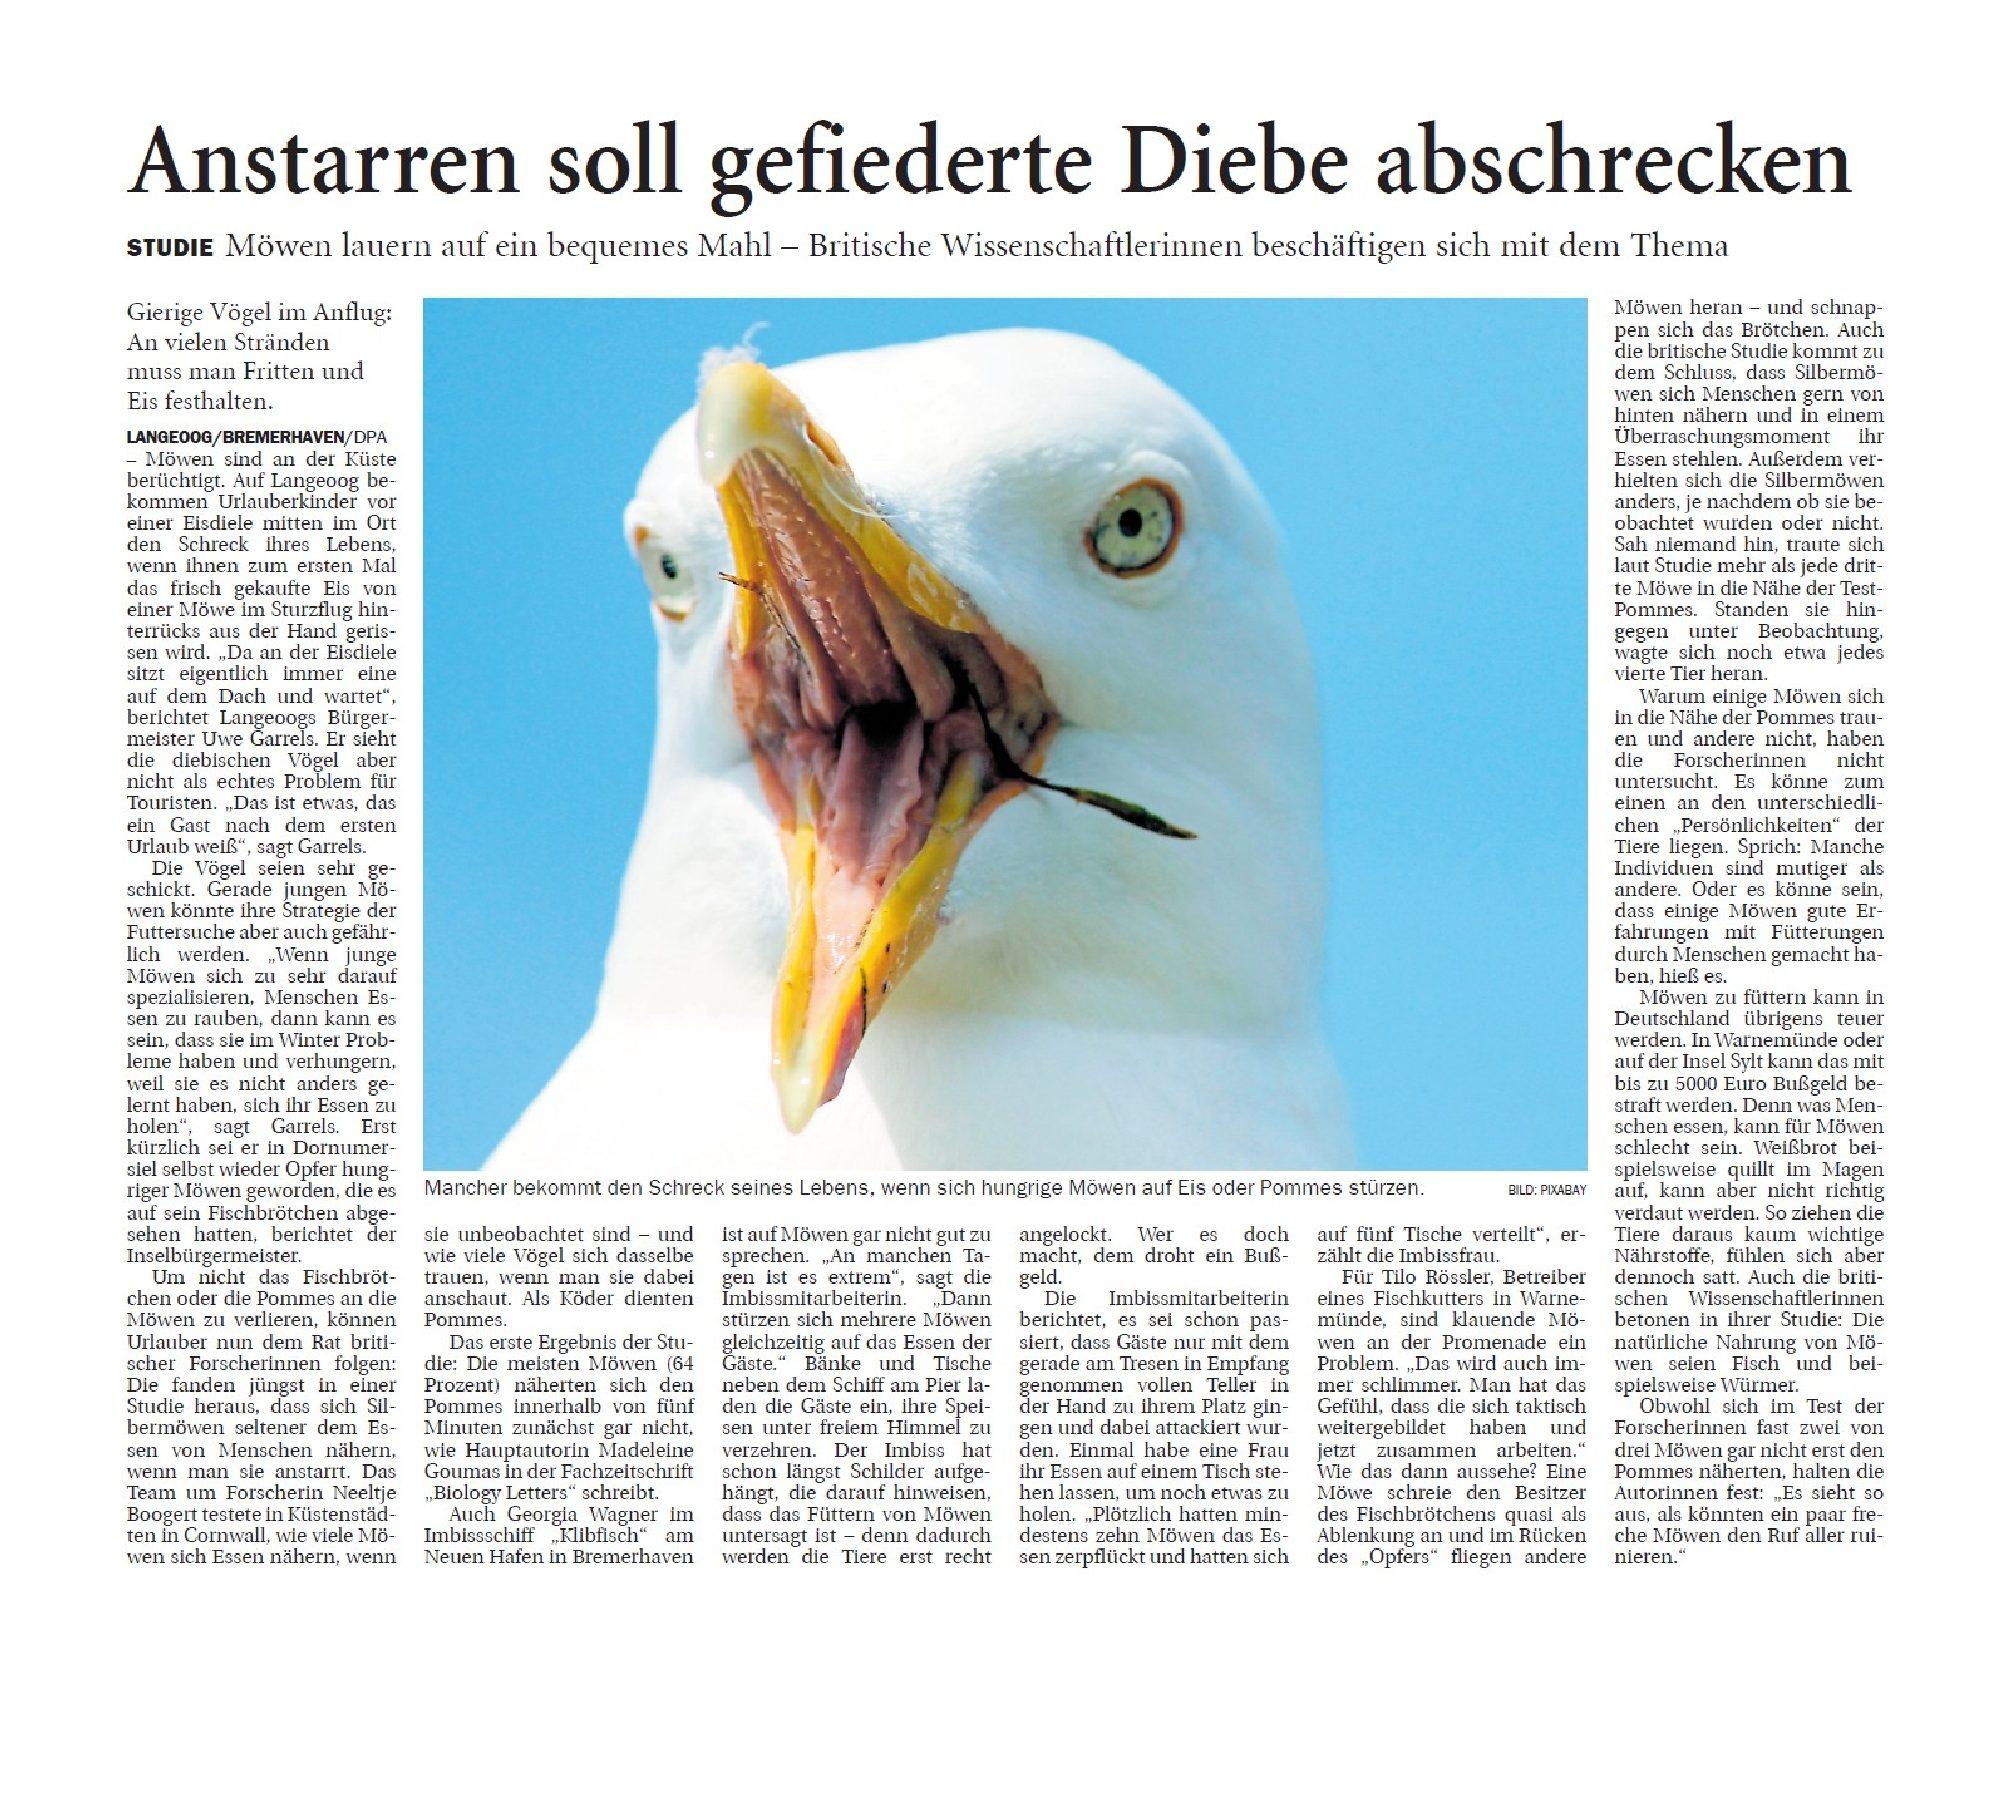 Jeversches Wochenblatt 13.08.2019 II